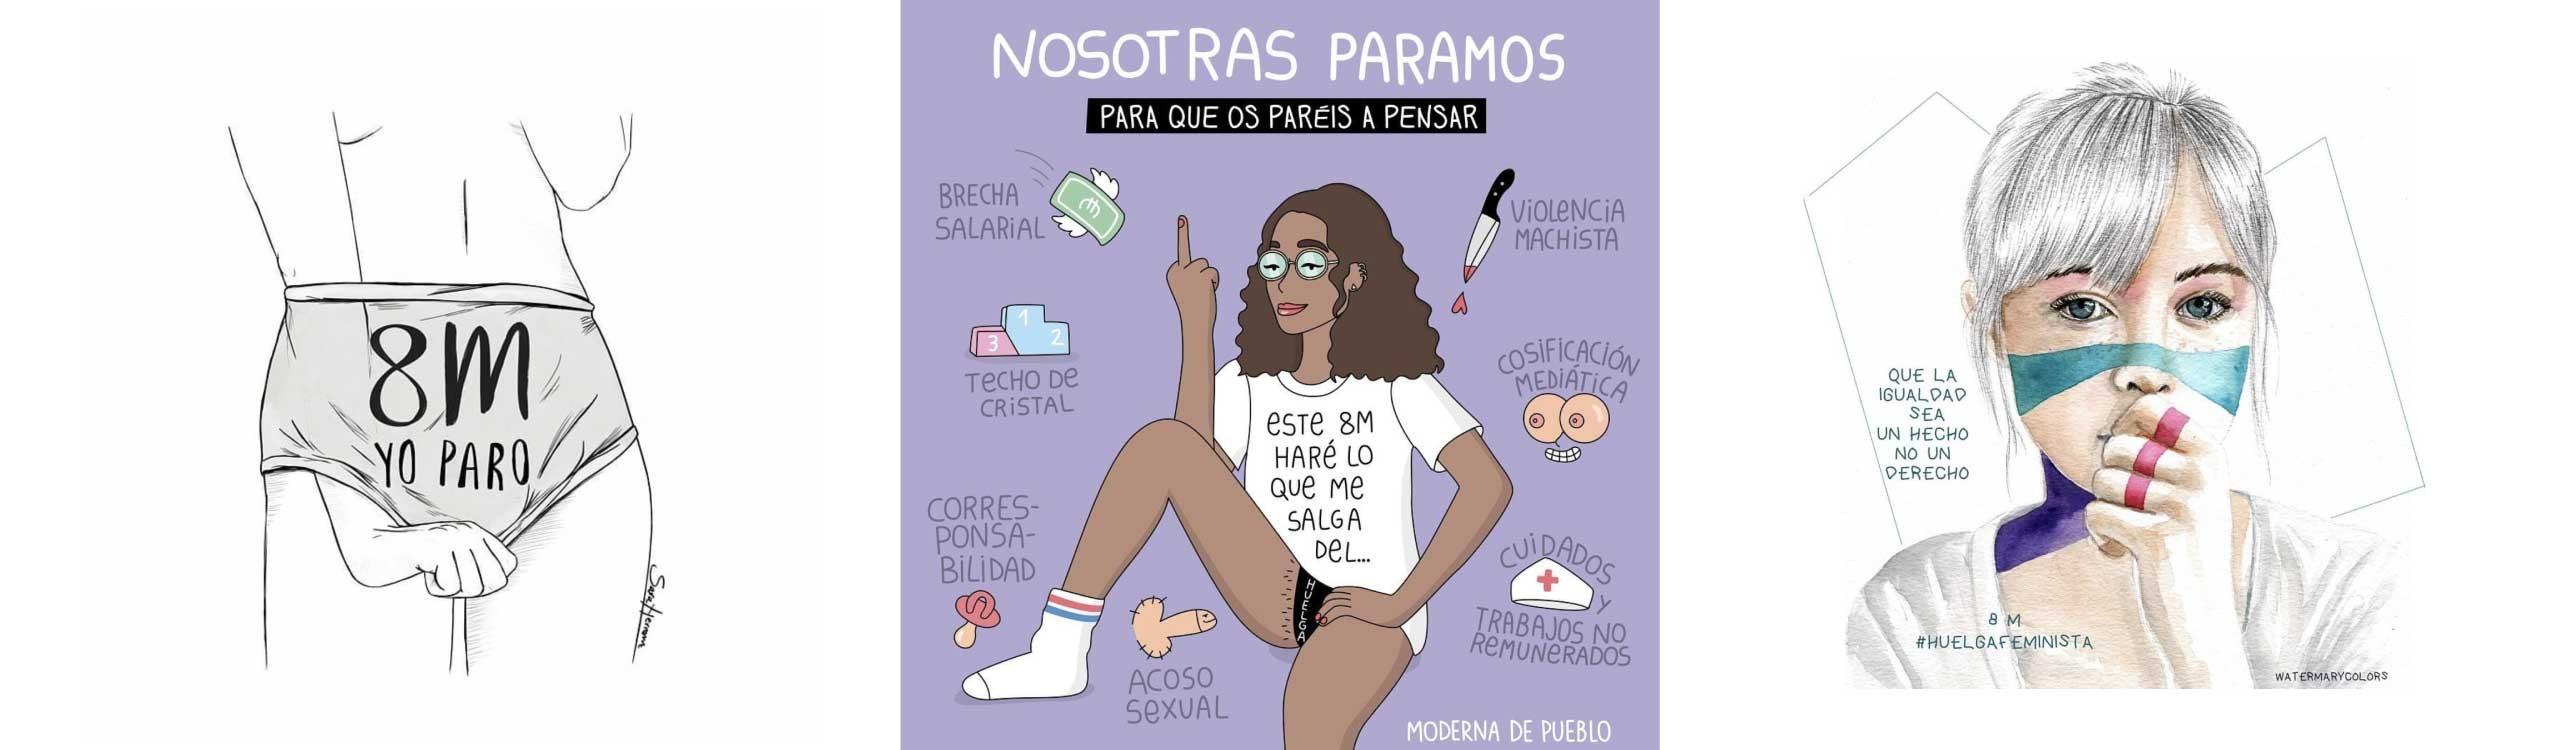 huelga-feminista-ilustraciones-mis-gafas-de-pasta-destacado